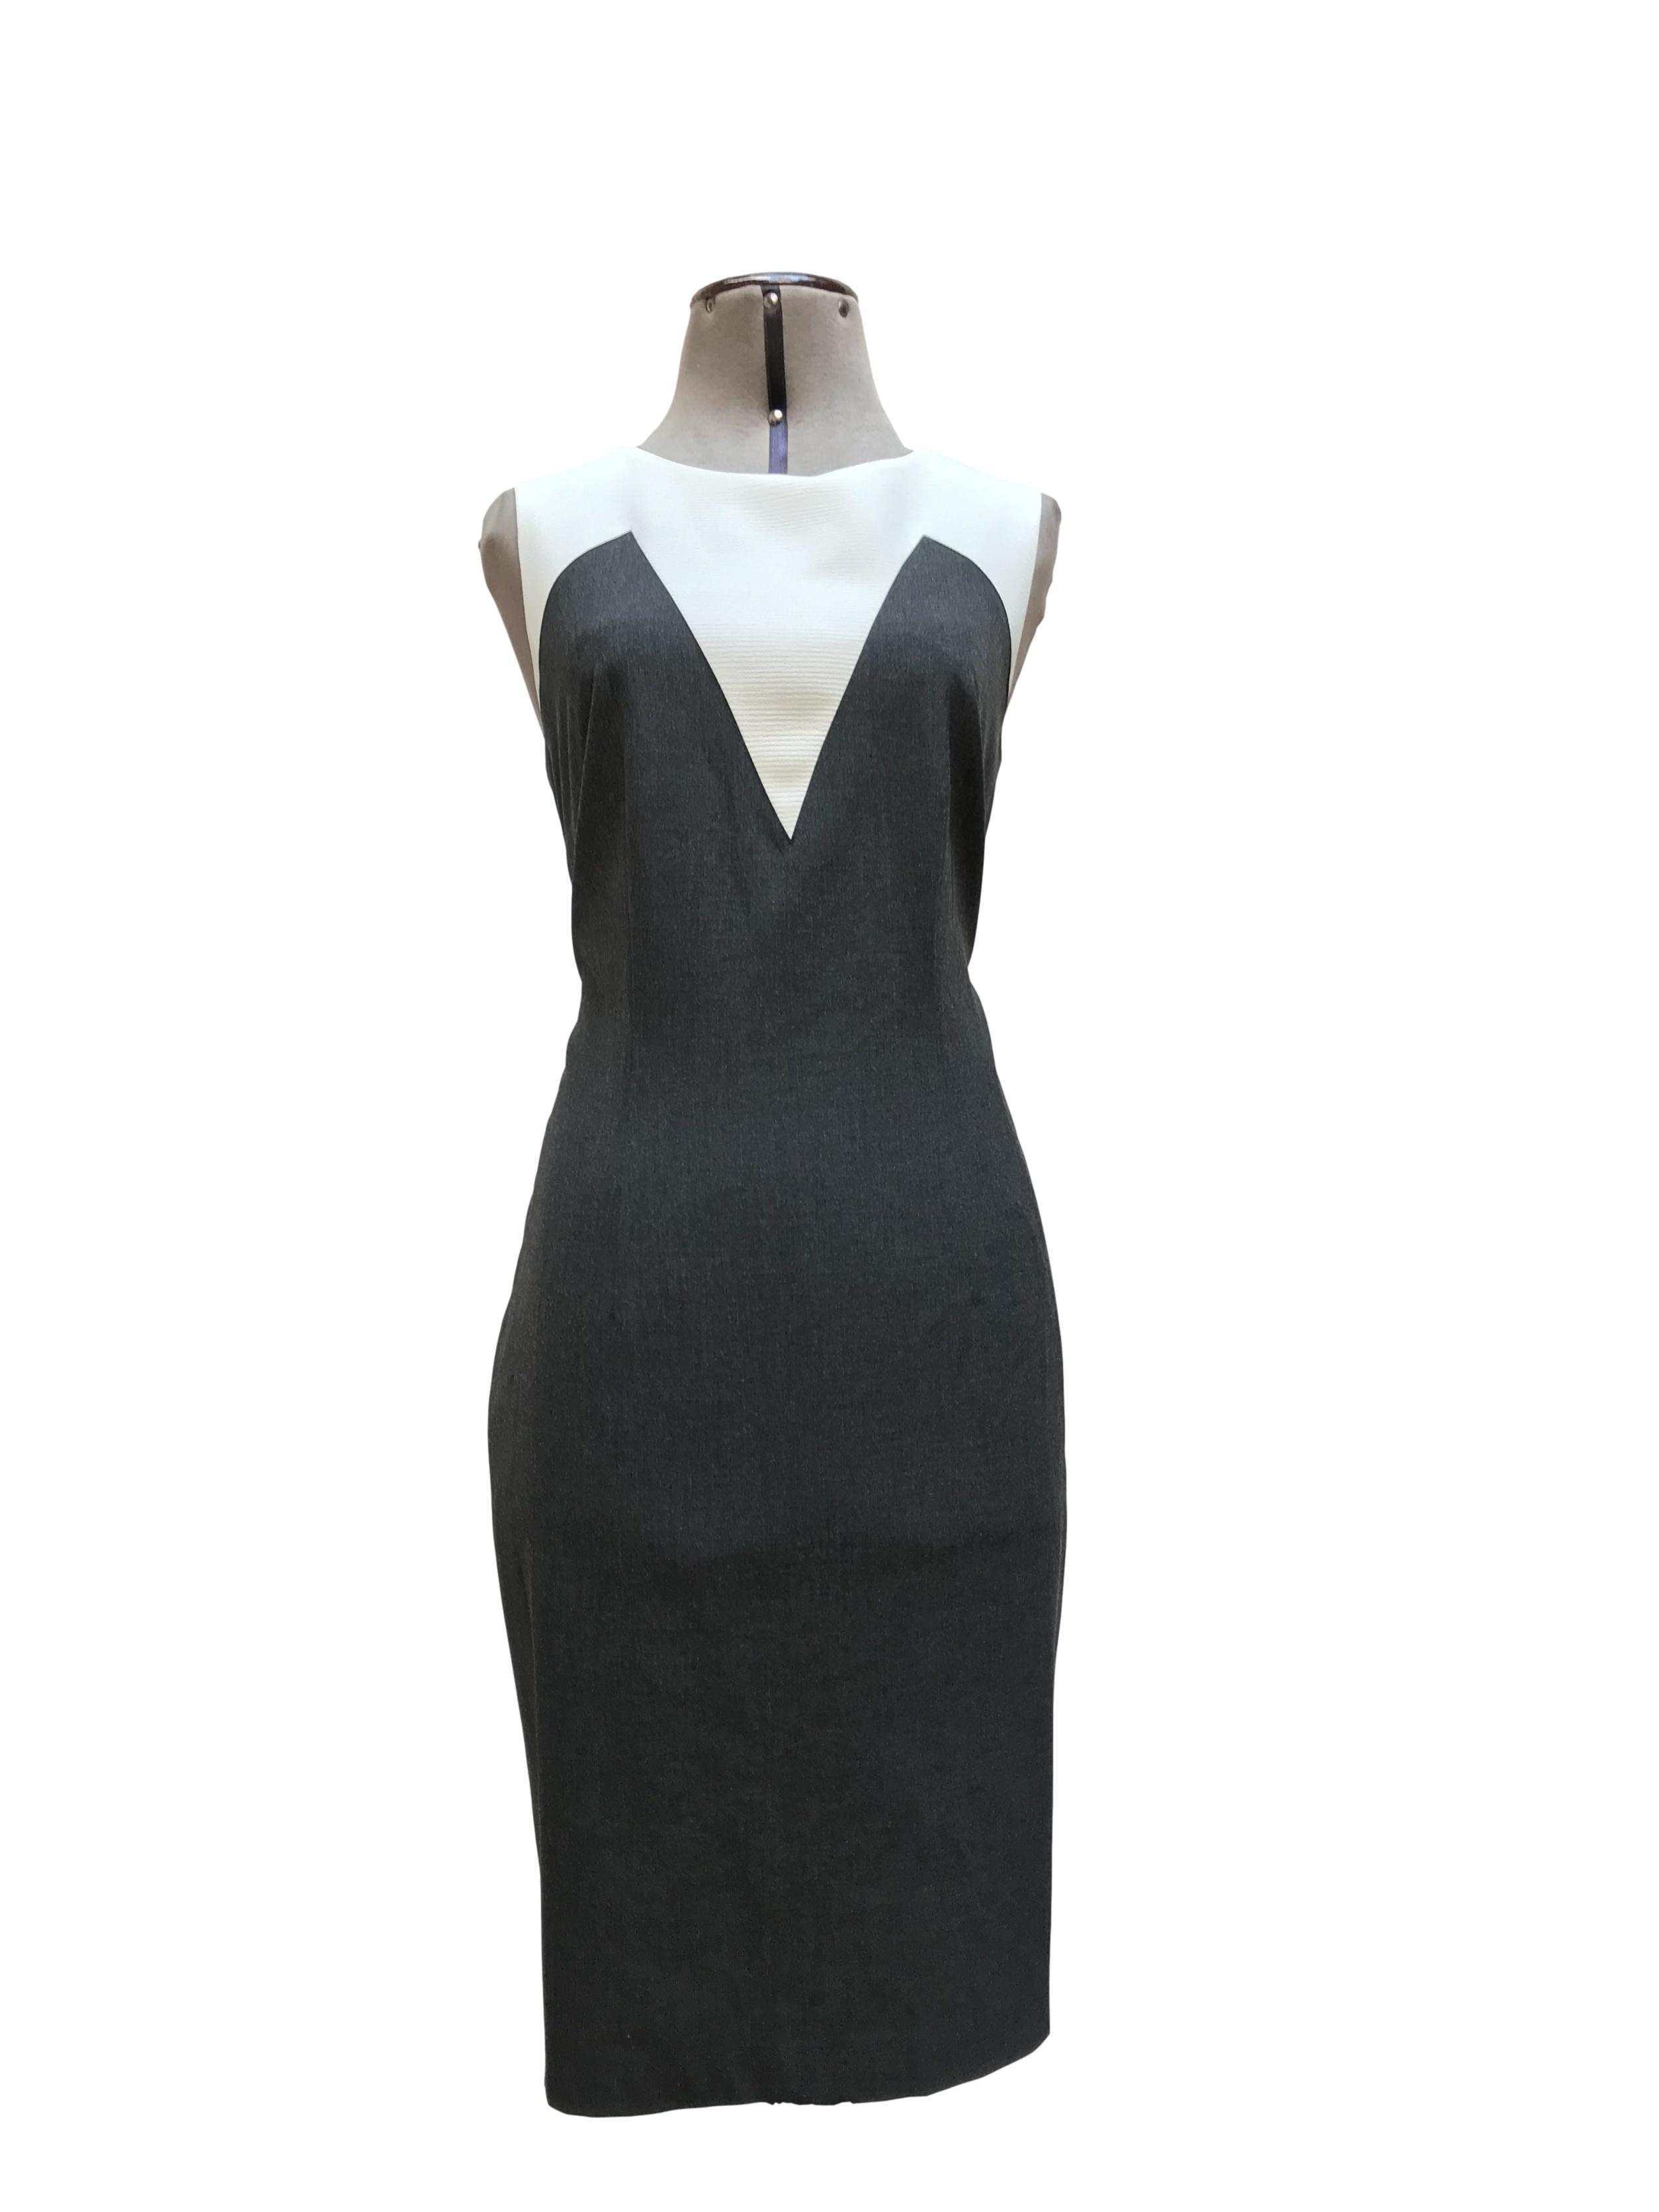 Vestido Ann Taylor gris y blanco, tela tipo sastre, a la rodilla, lleva forro y cierre posterior. Clásico y muy útil! Precio original S/ 600Talla M (8)